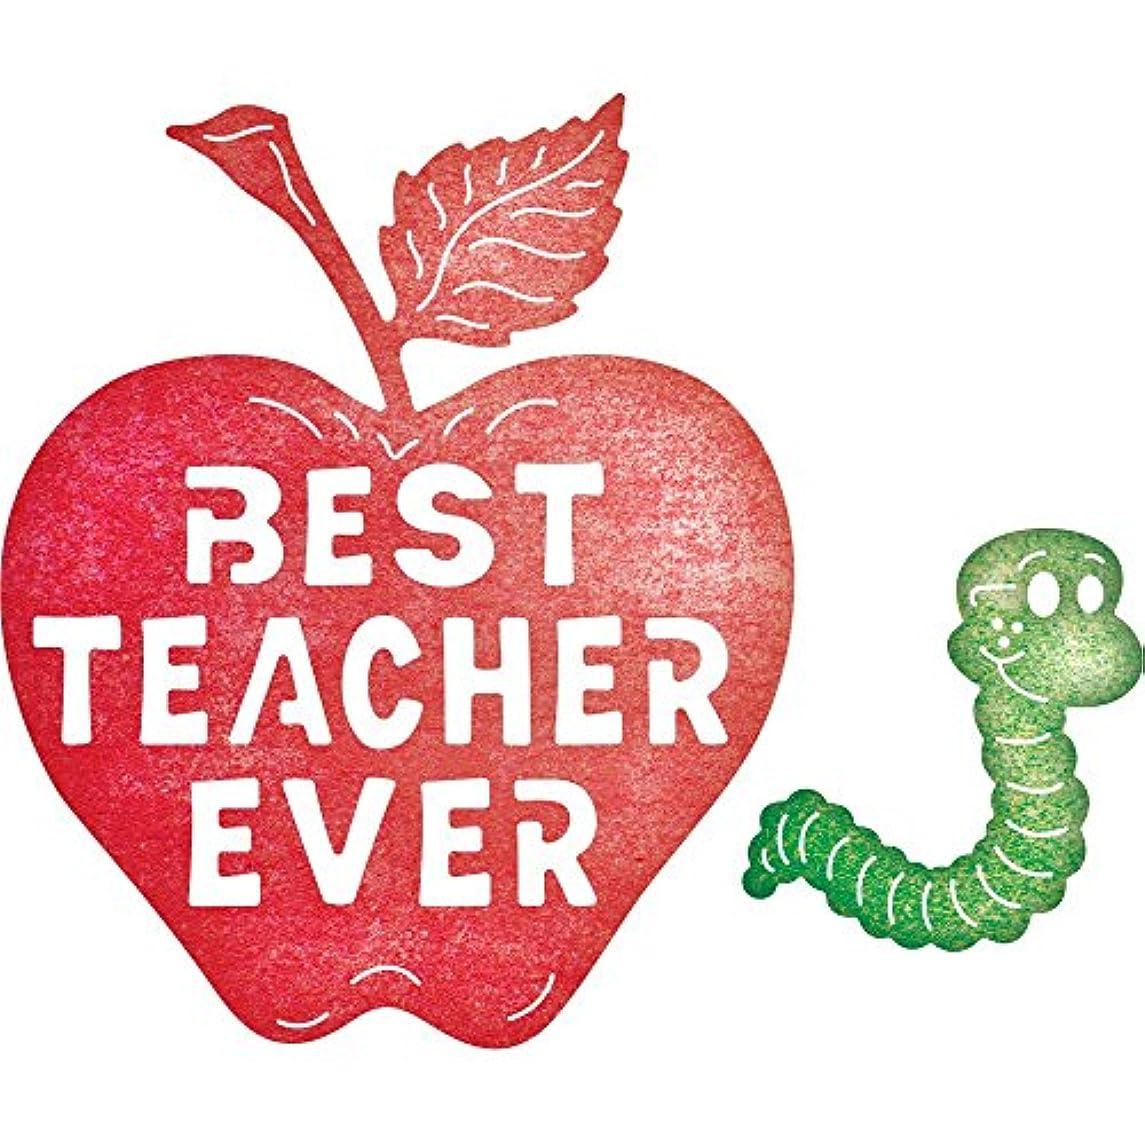 Cheery Lynn Designs B652 Best Teacher Ever Die Cuts